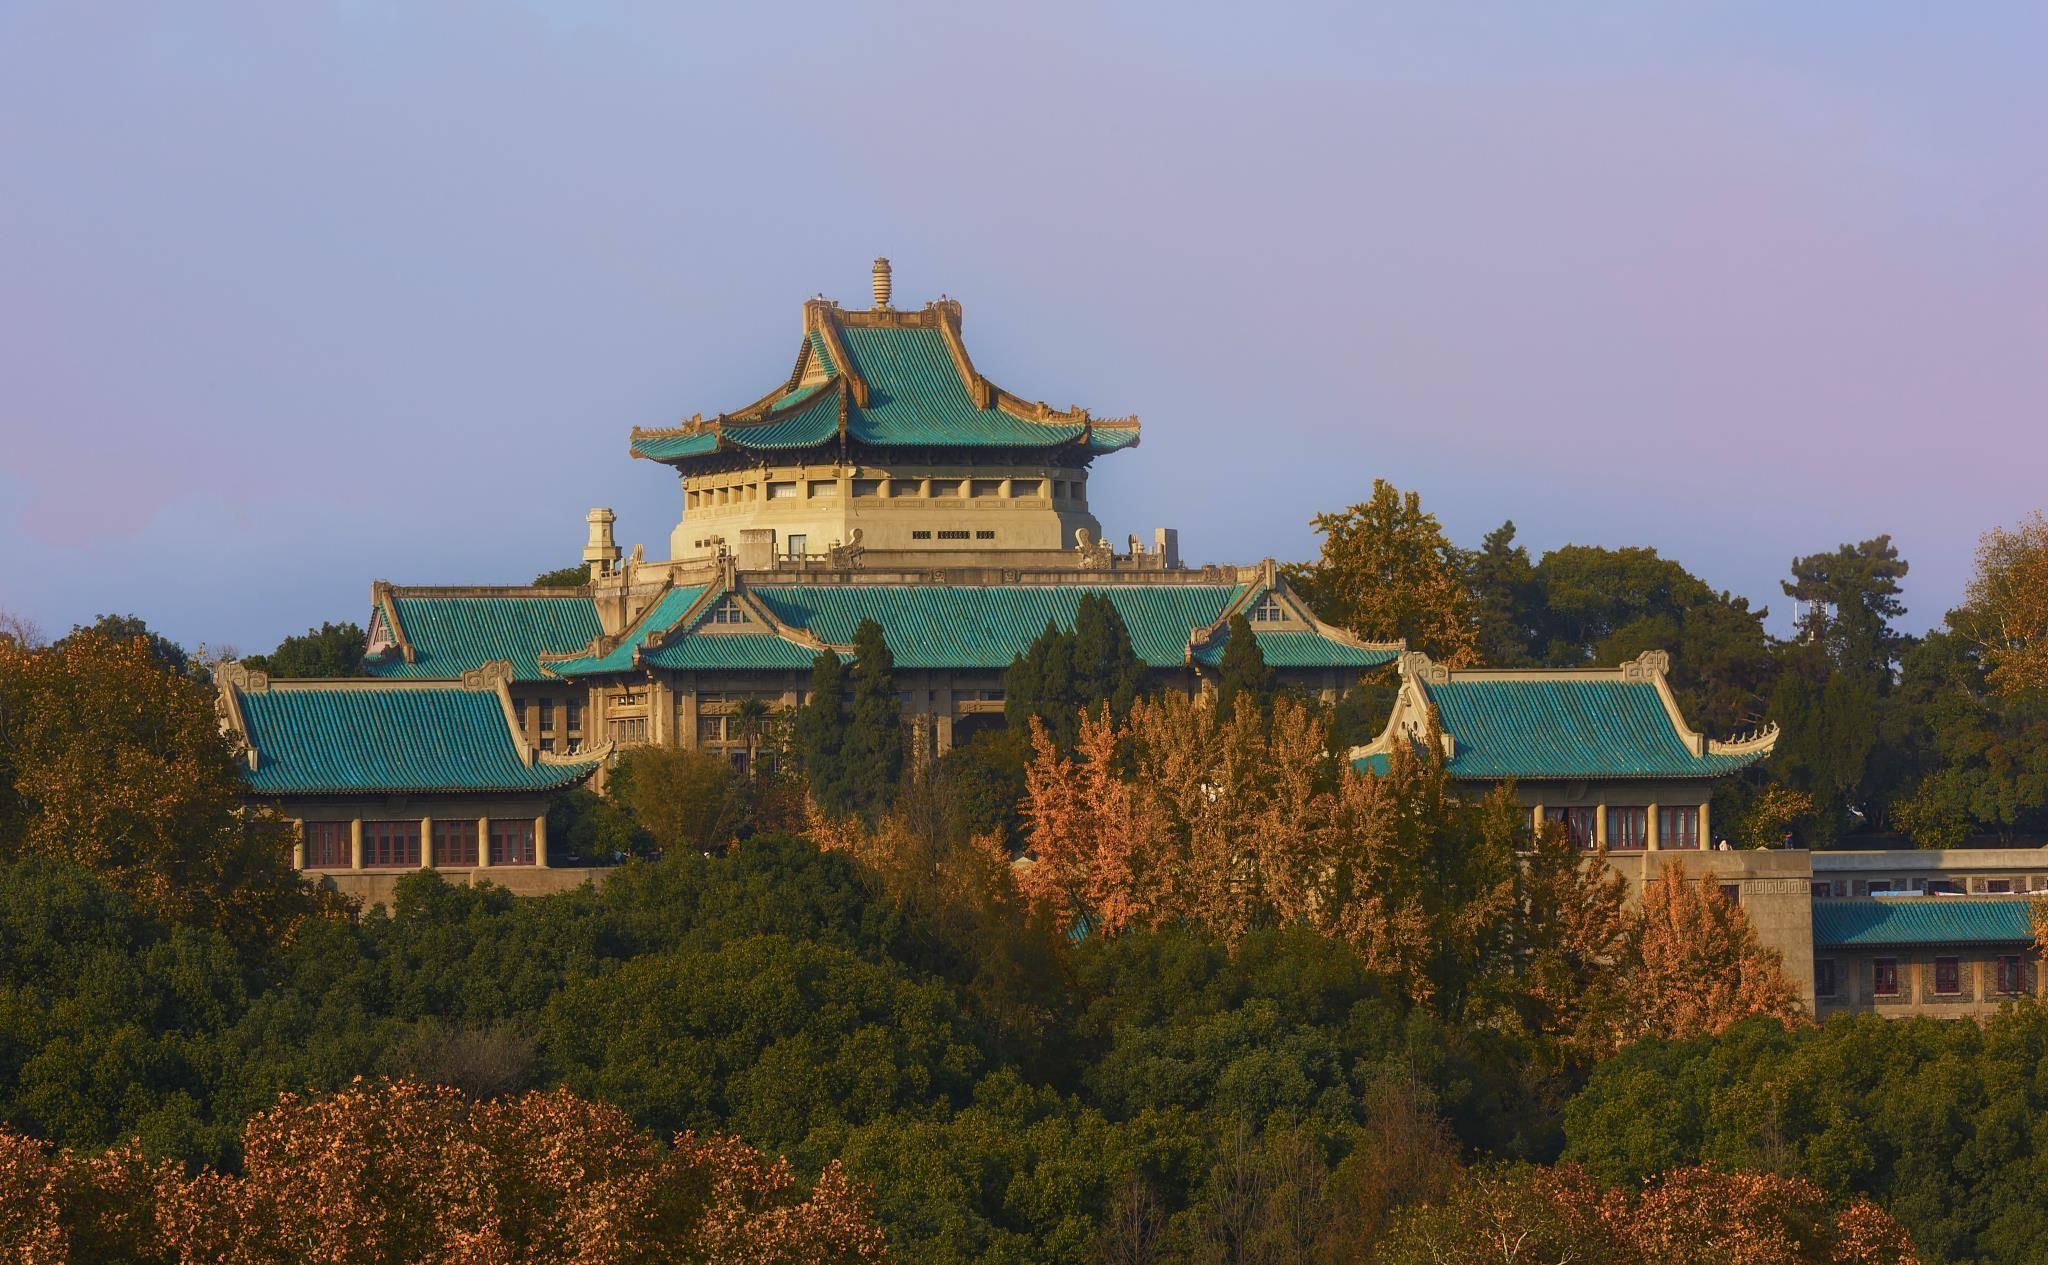 湖北省高校排名出炉,划分为四个档次,双子星并列第一档